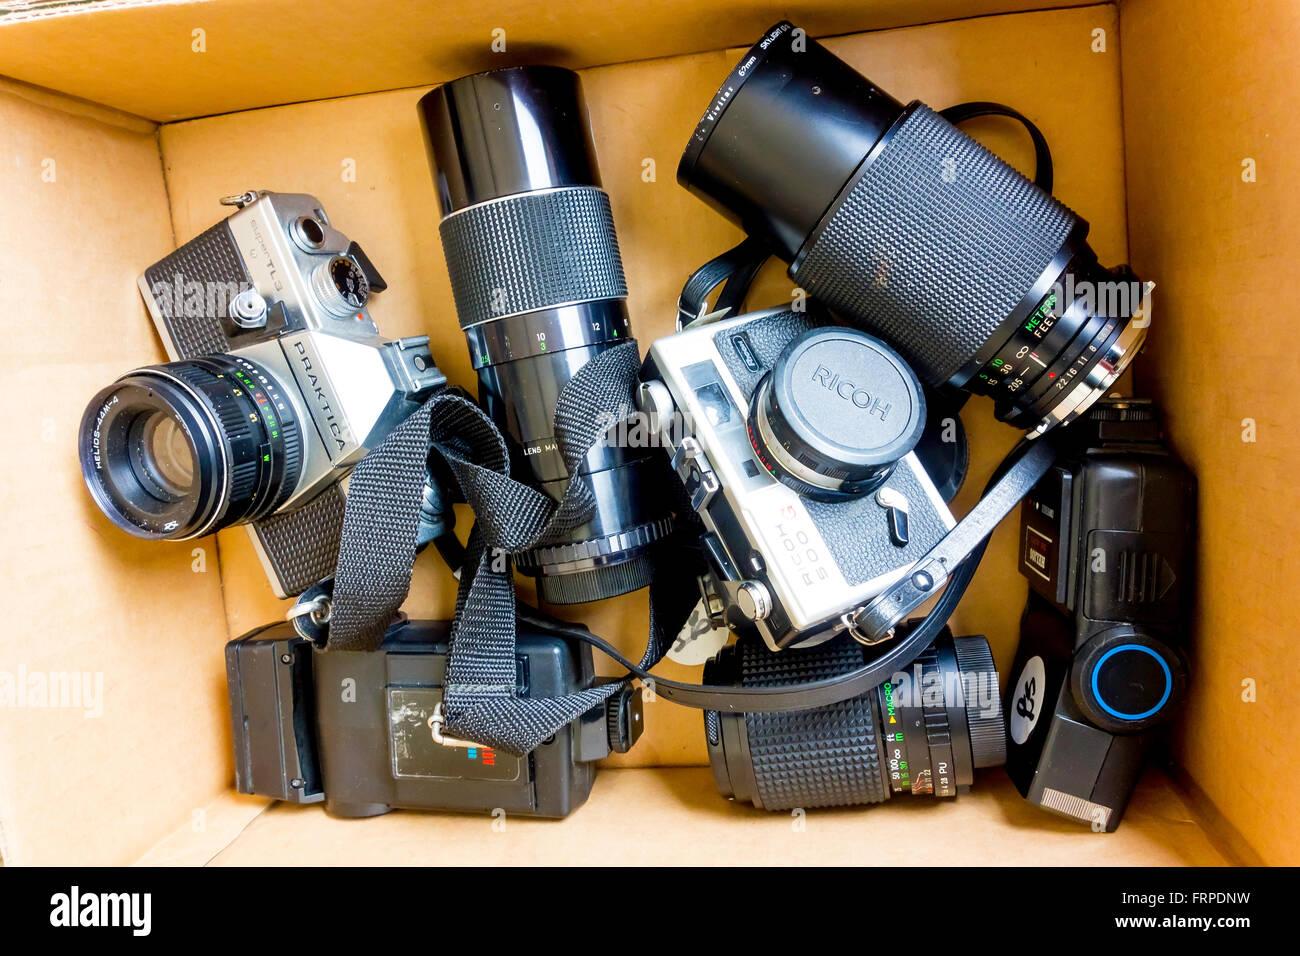 Une collection de vieux films 35mm numériques, d'objectifs et flashes pour vendre sur un marché aux puces, wc séparés. Banque D'Images